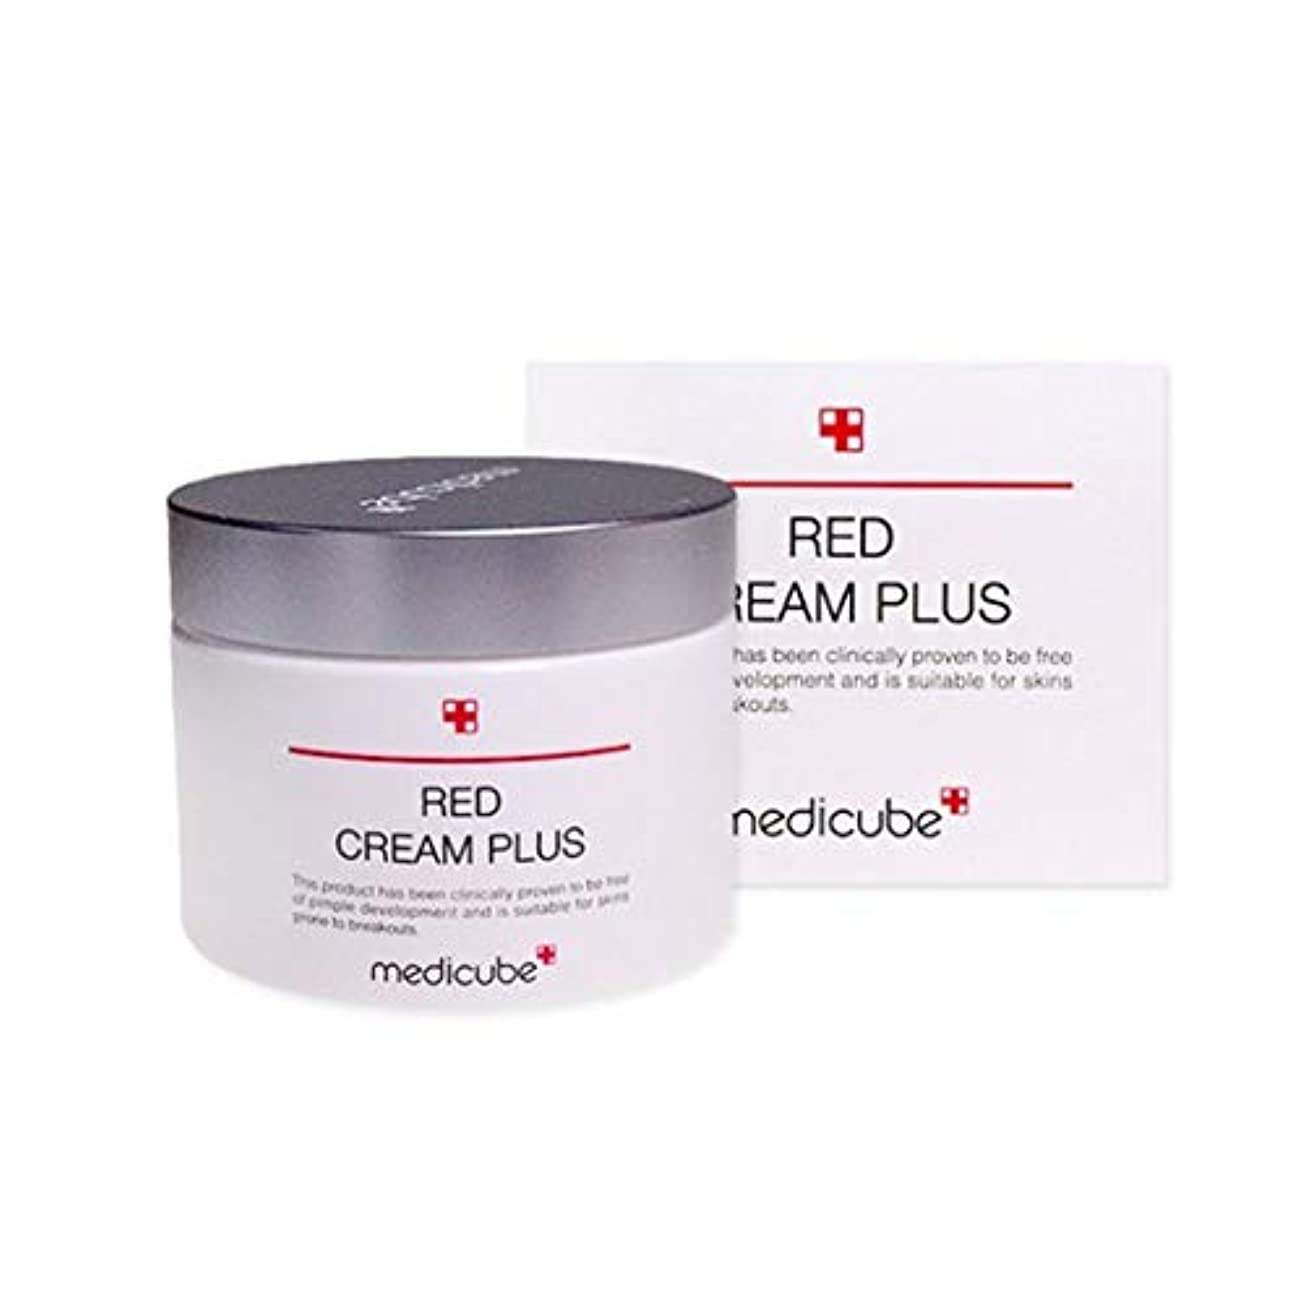 戦艦結果顕著メディキューブレッドクリームプラス100ml韓国コスメ、Medicube Red Cream Plus 100ml Korean Cosmetics [並行輸入品]